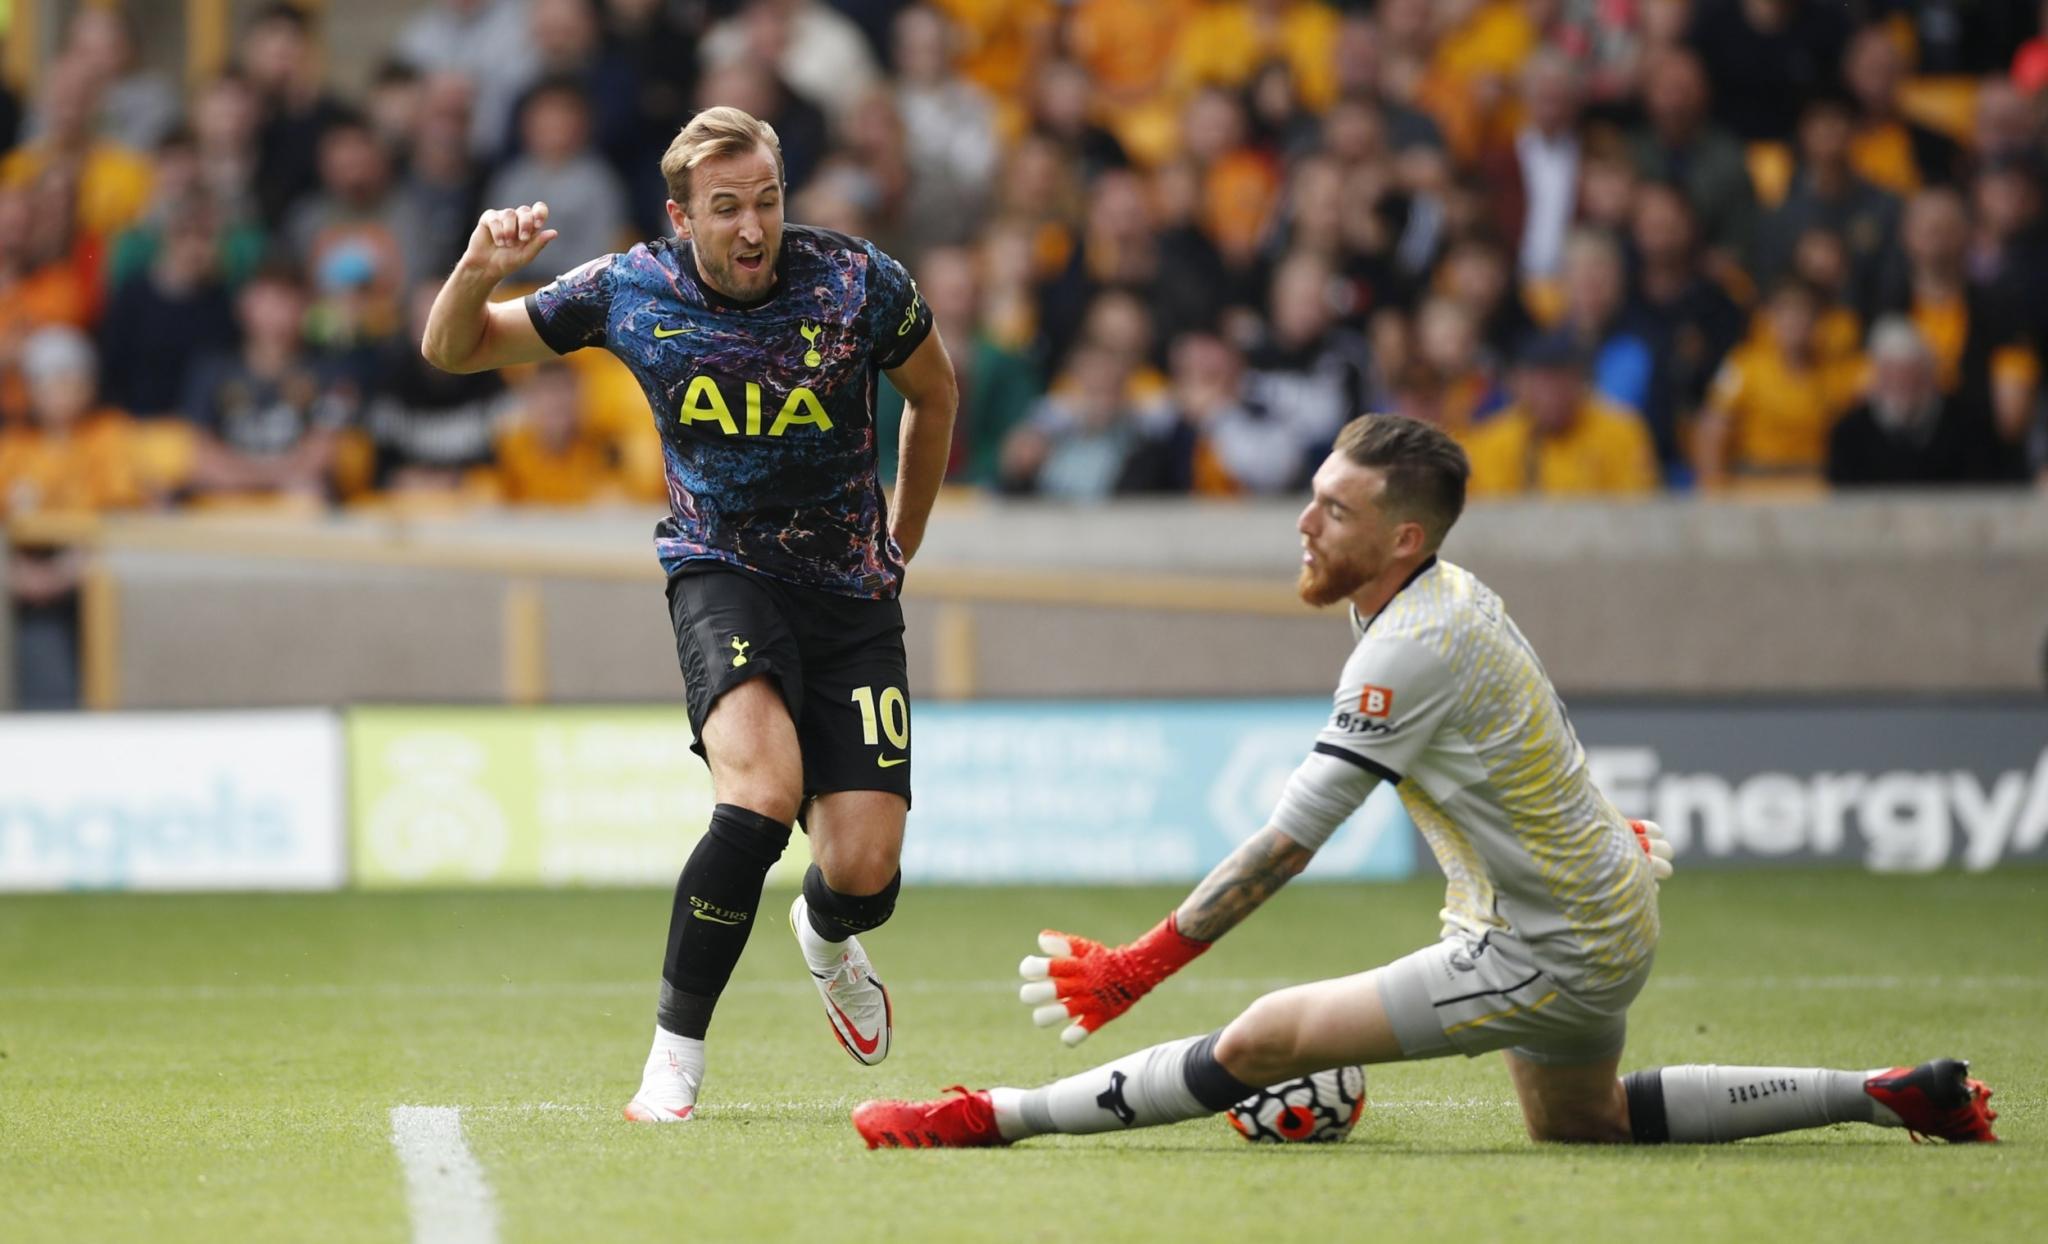 Kane suýt ghi bàn với tình huống đối mặt và bị thủ môn Jose Sa ngăn cản ở phút 82. Ảnh: Reuters